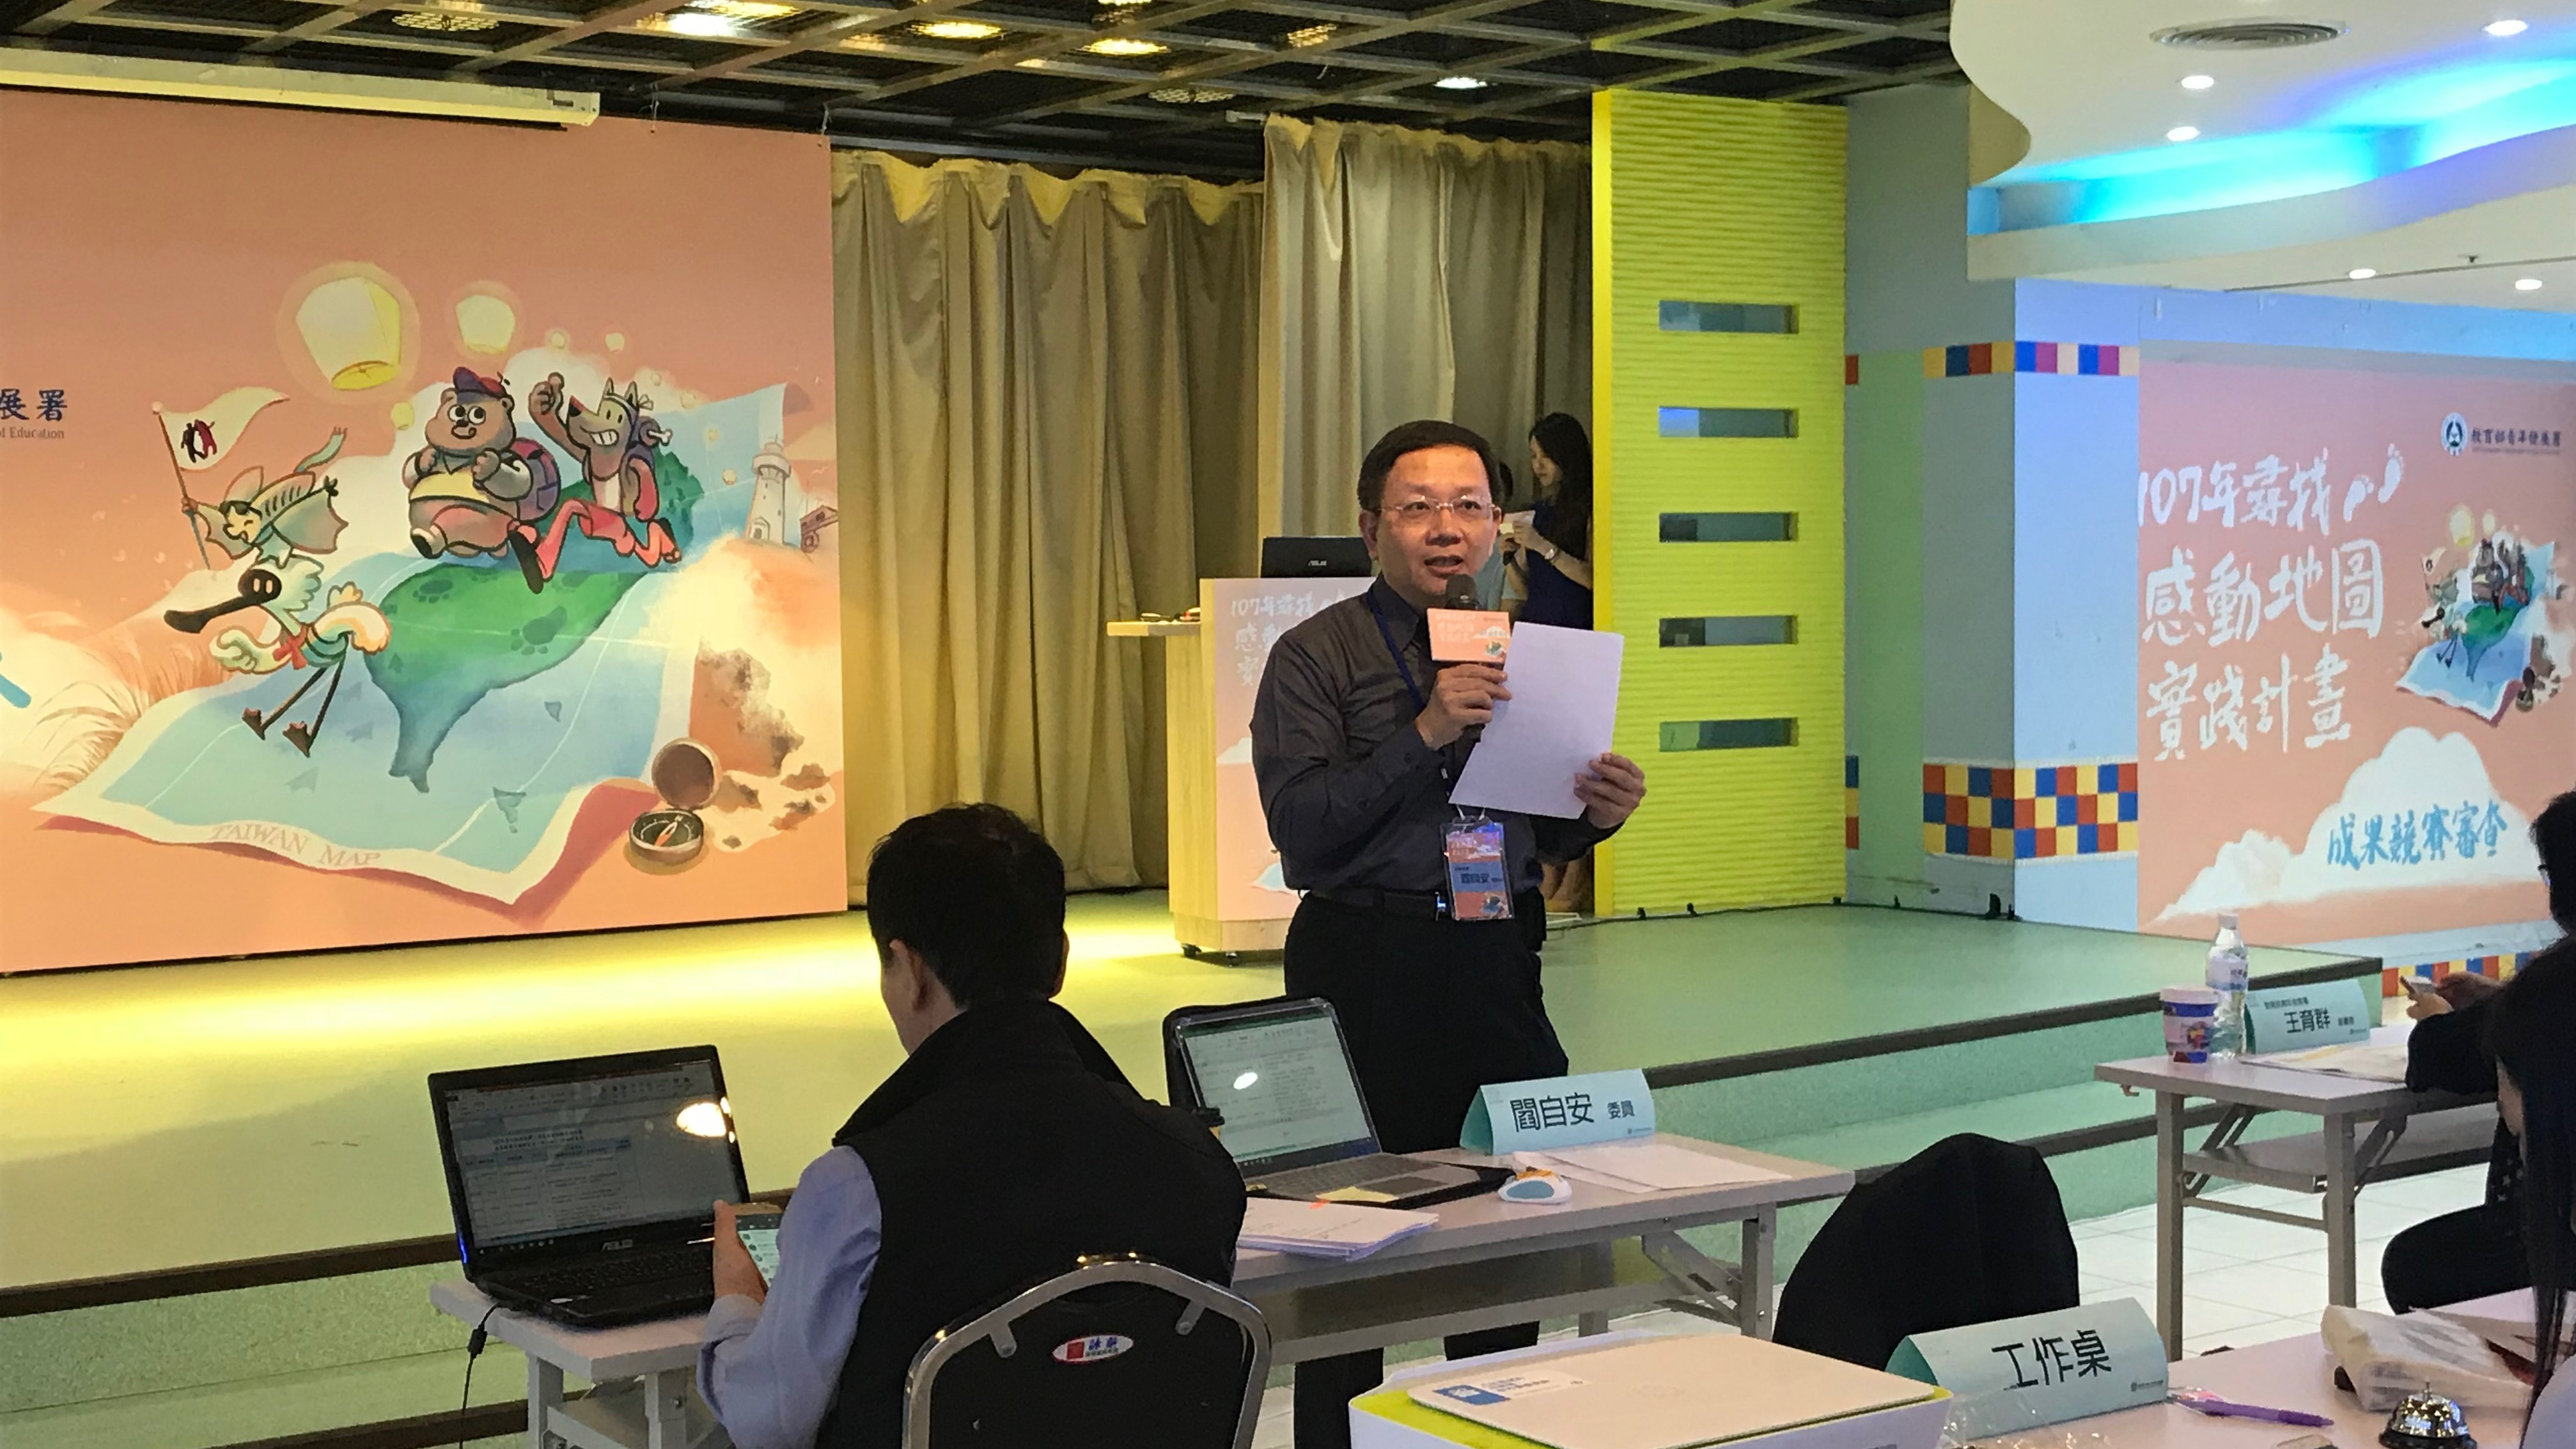 【圖二】國立臺北藝術大學師資培育中心副教授閻自安為競賽做講評